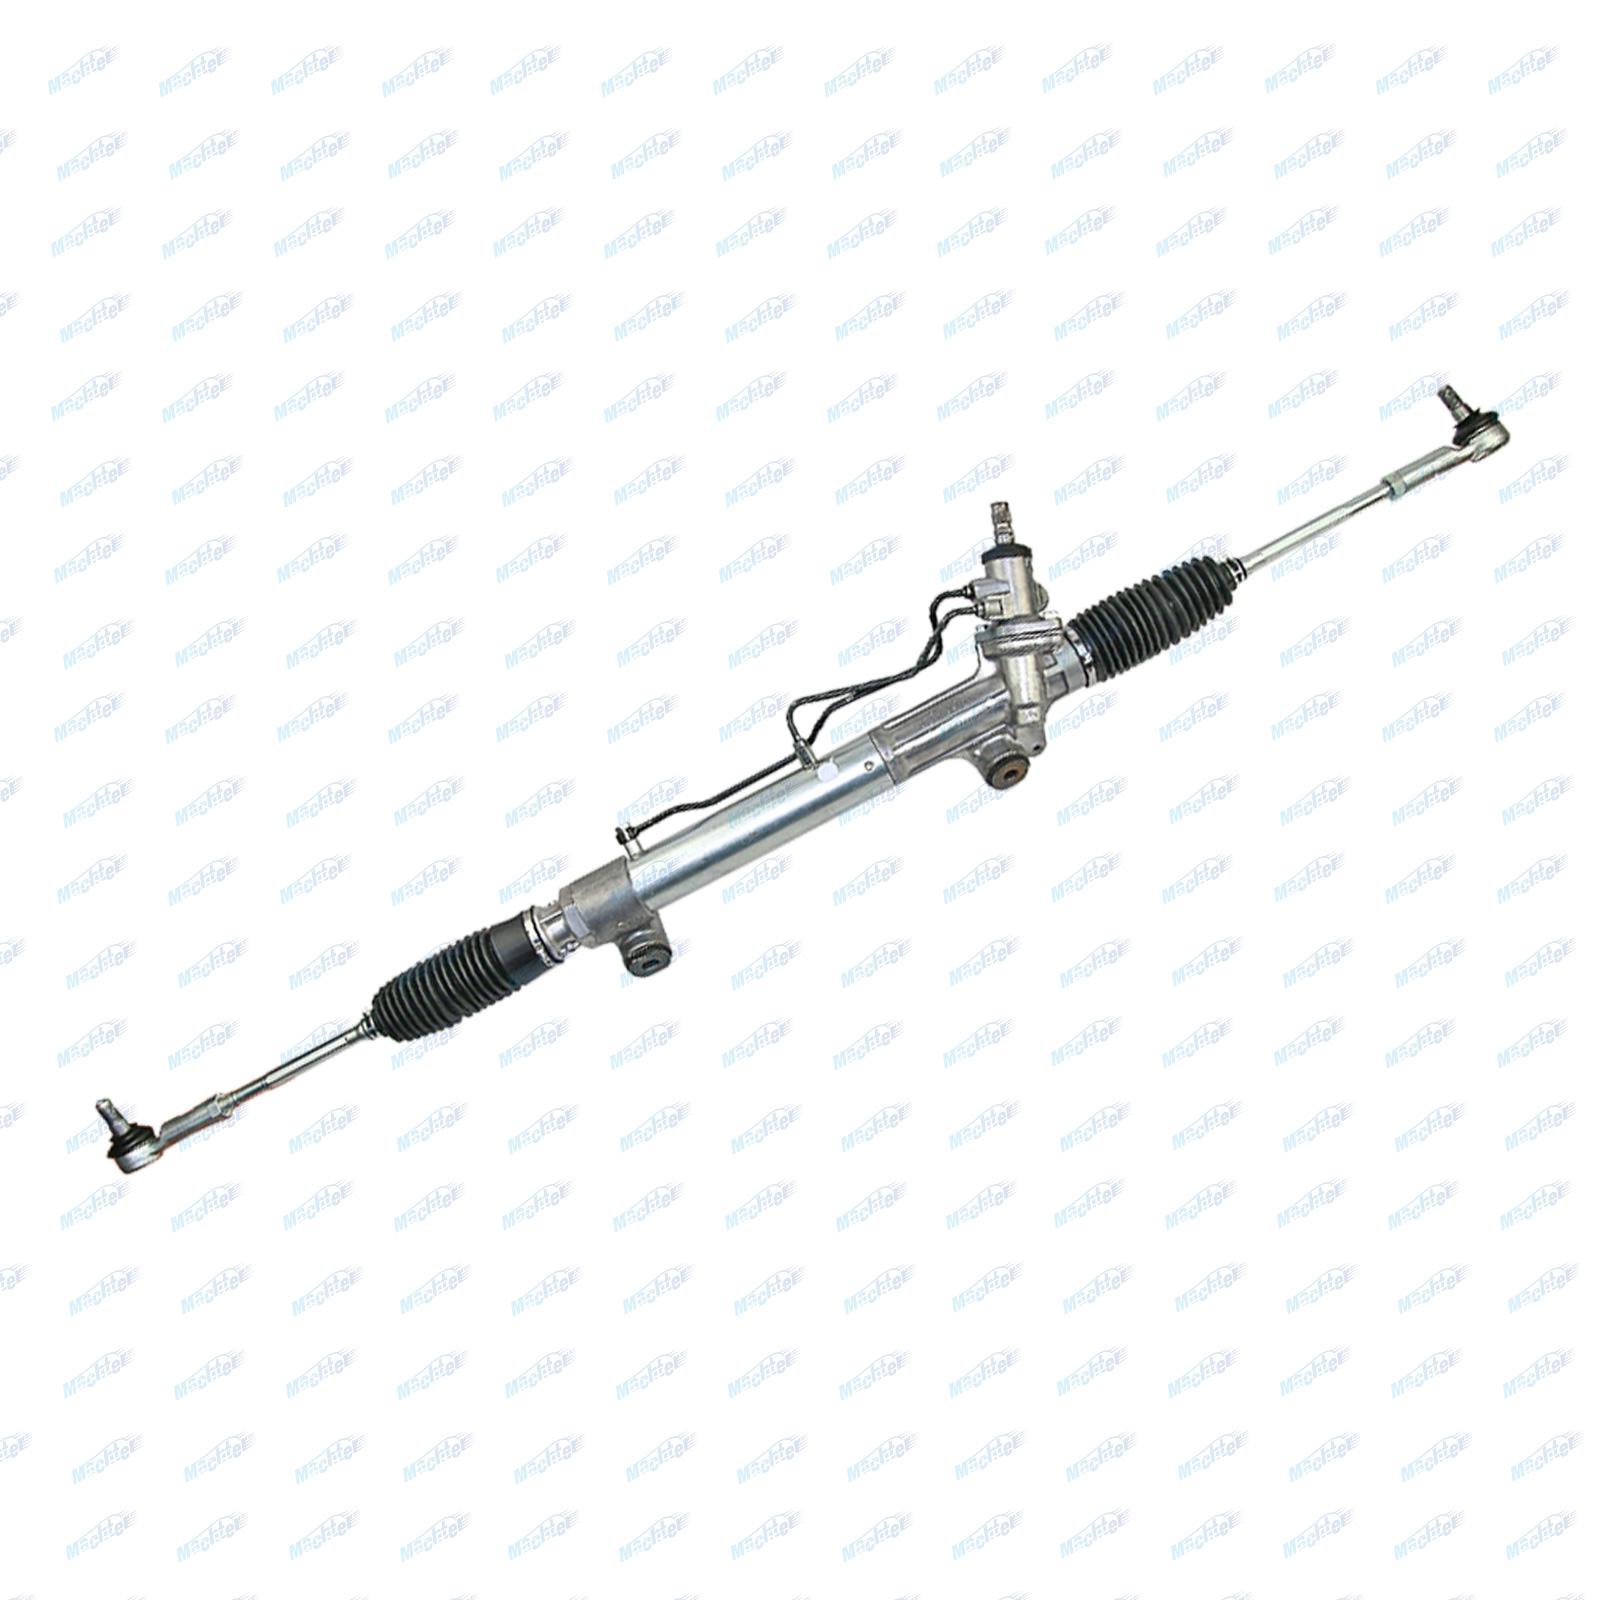 power steering rack toyota hilux kun25 26 36 ggn25 vigo sr5 4wd w tie rod ends